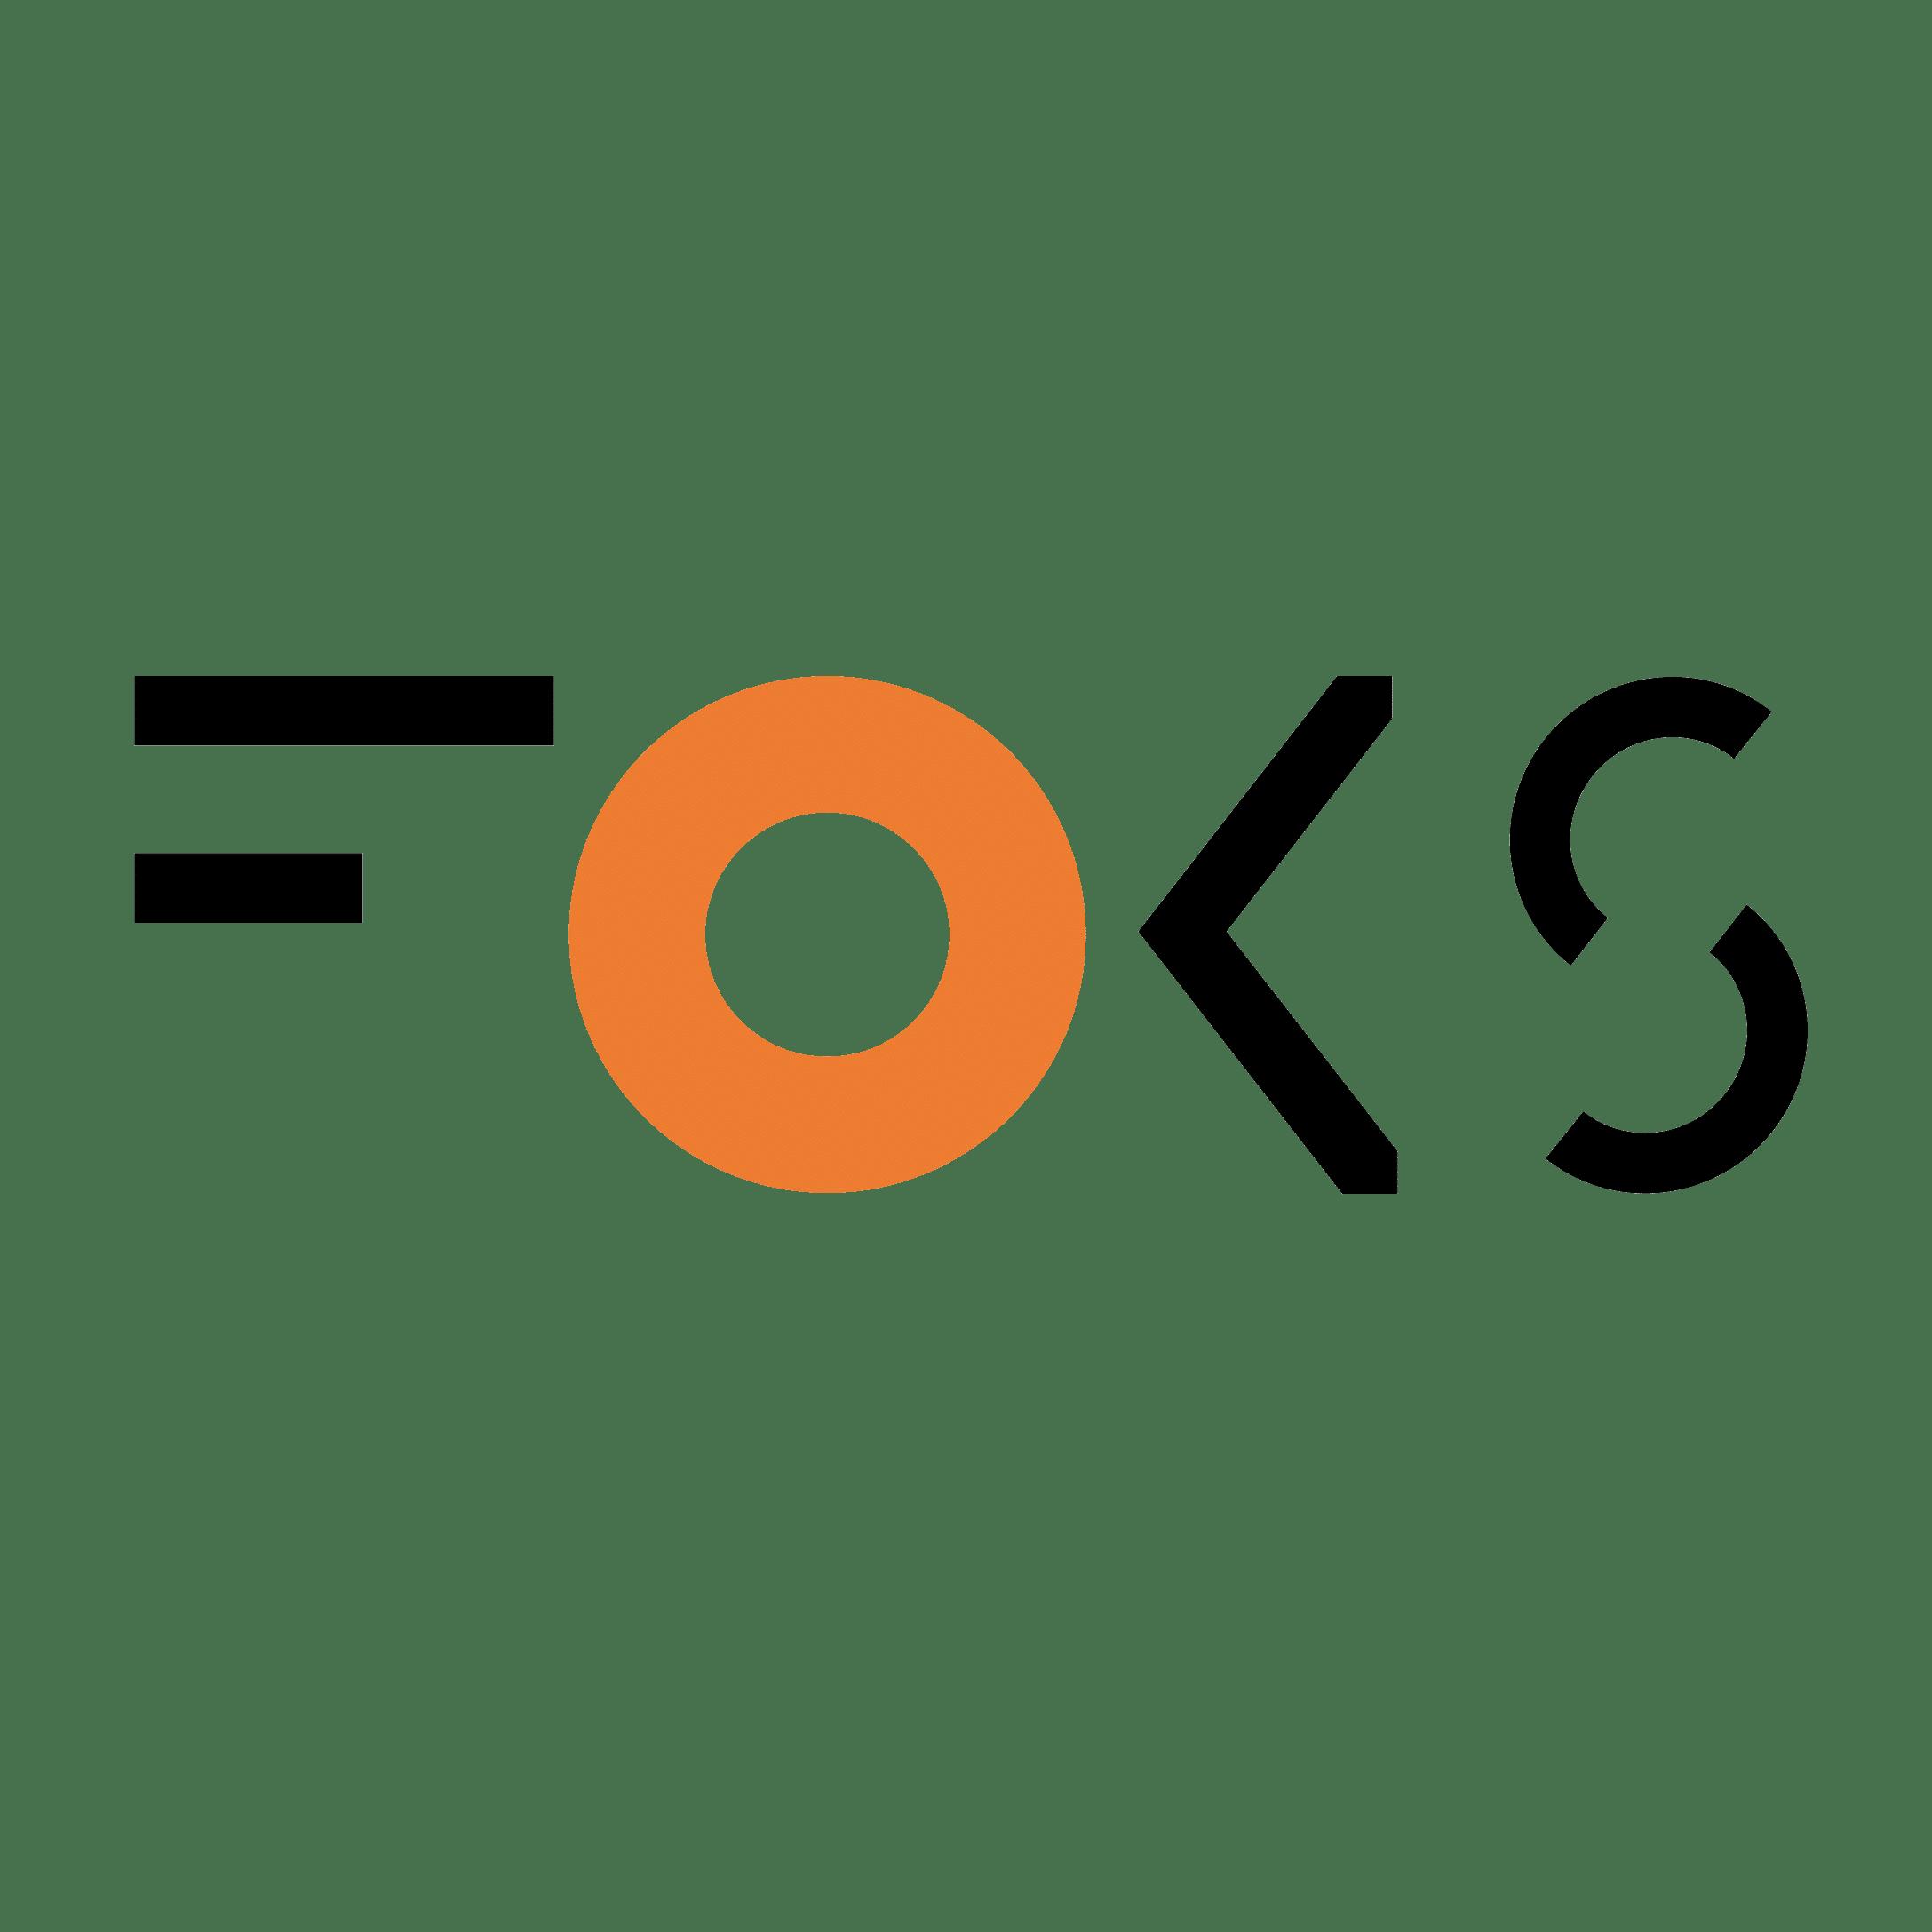 fOKS : approches appréciative, générative et santé au travail